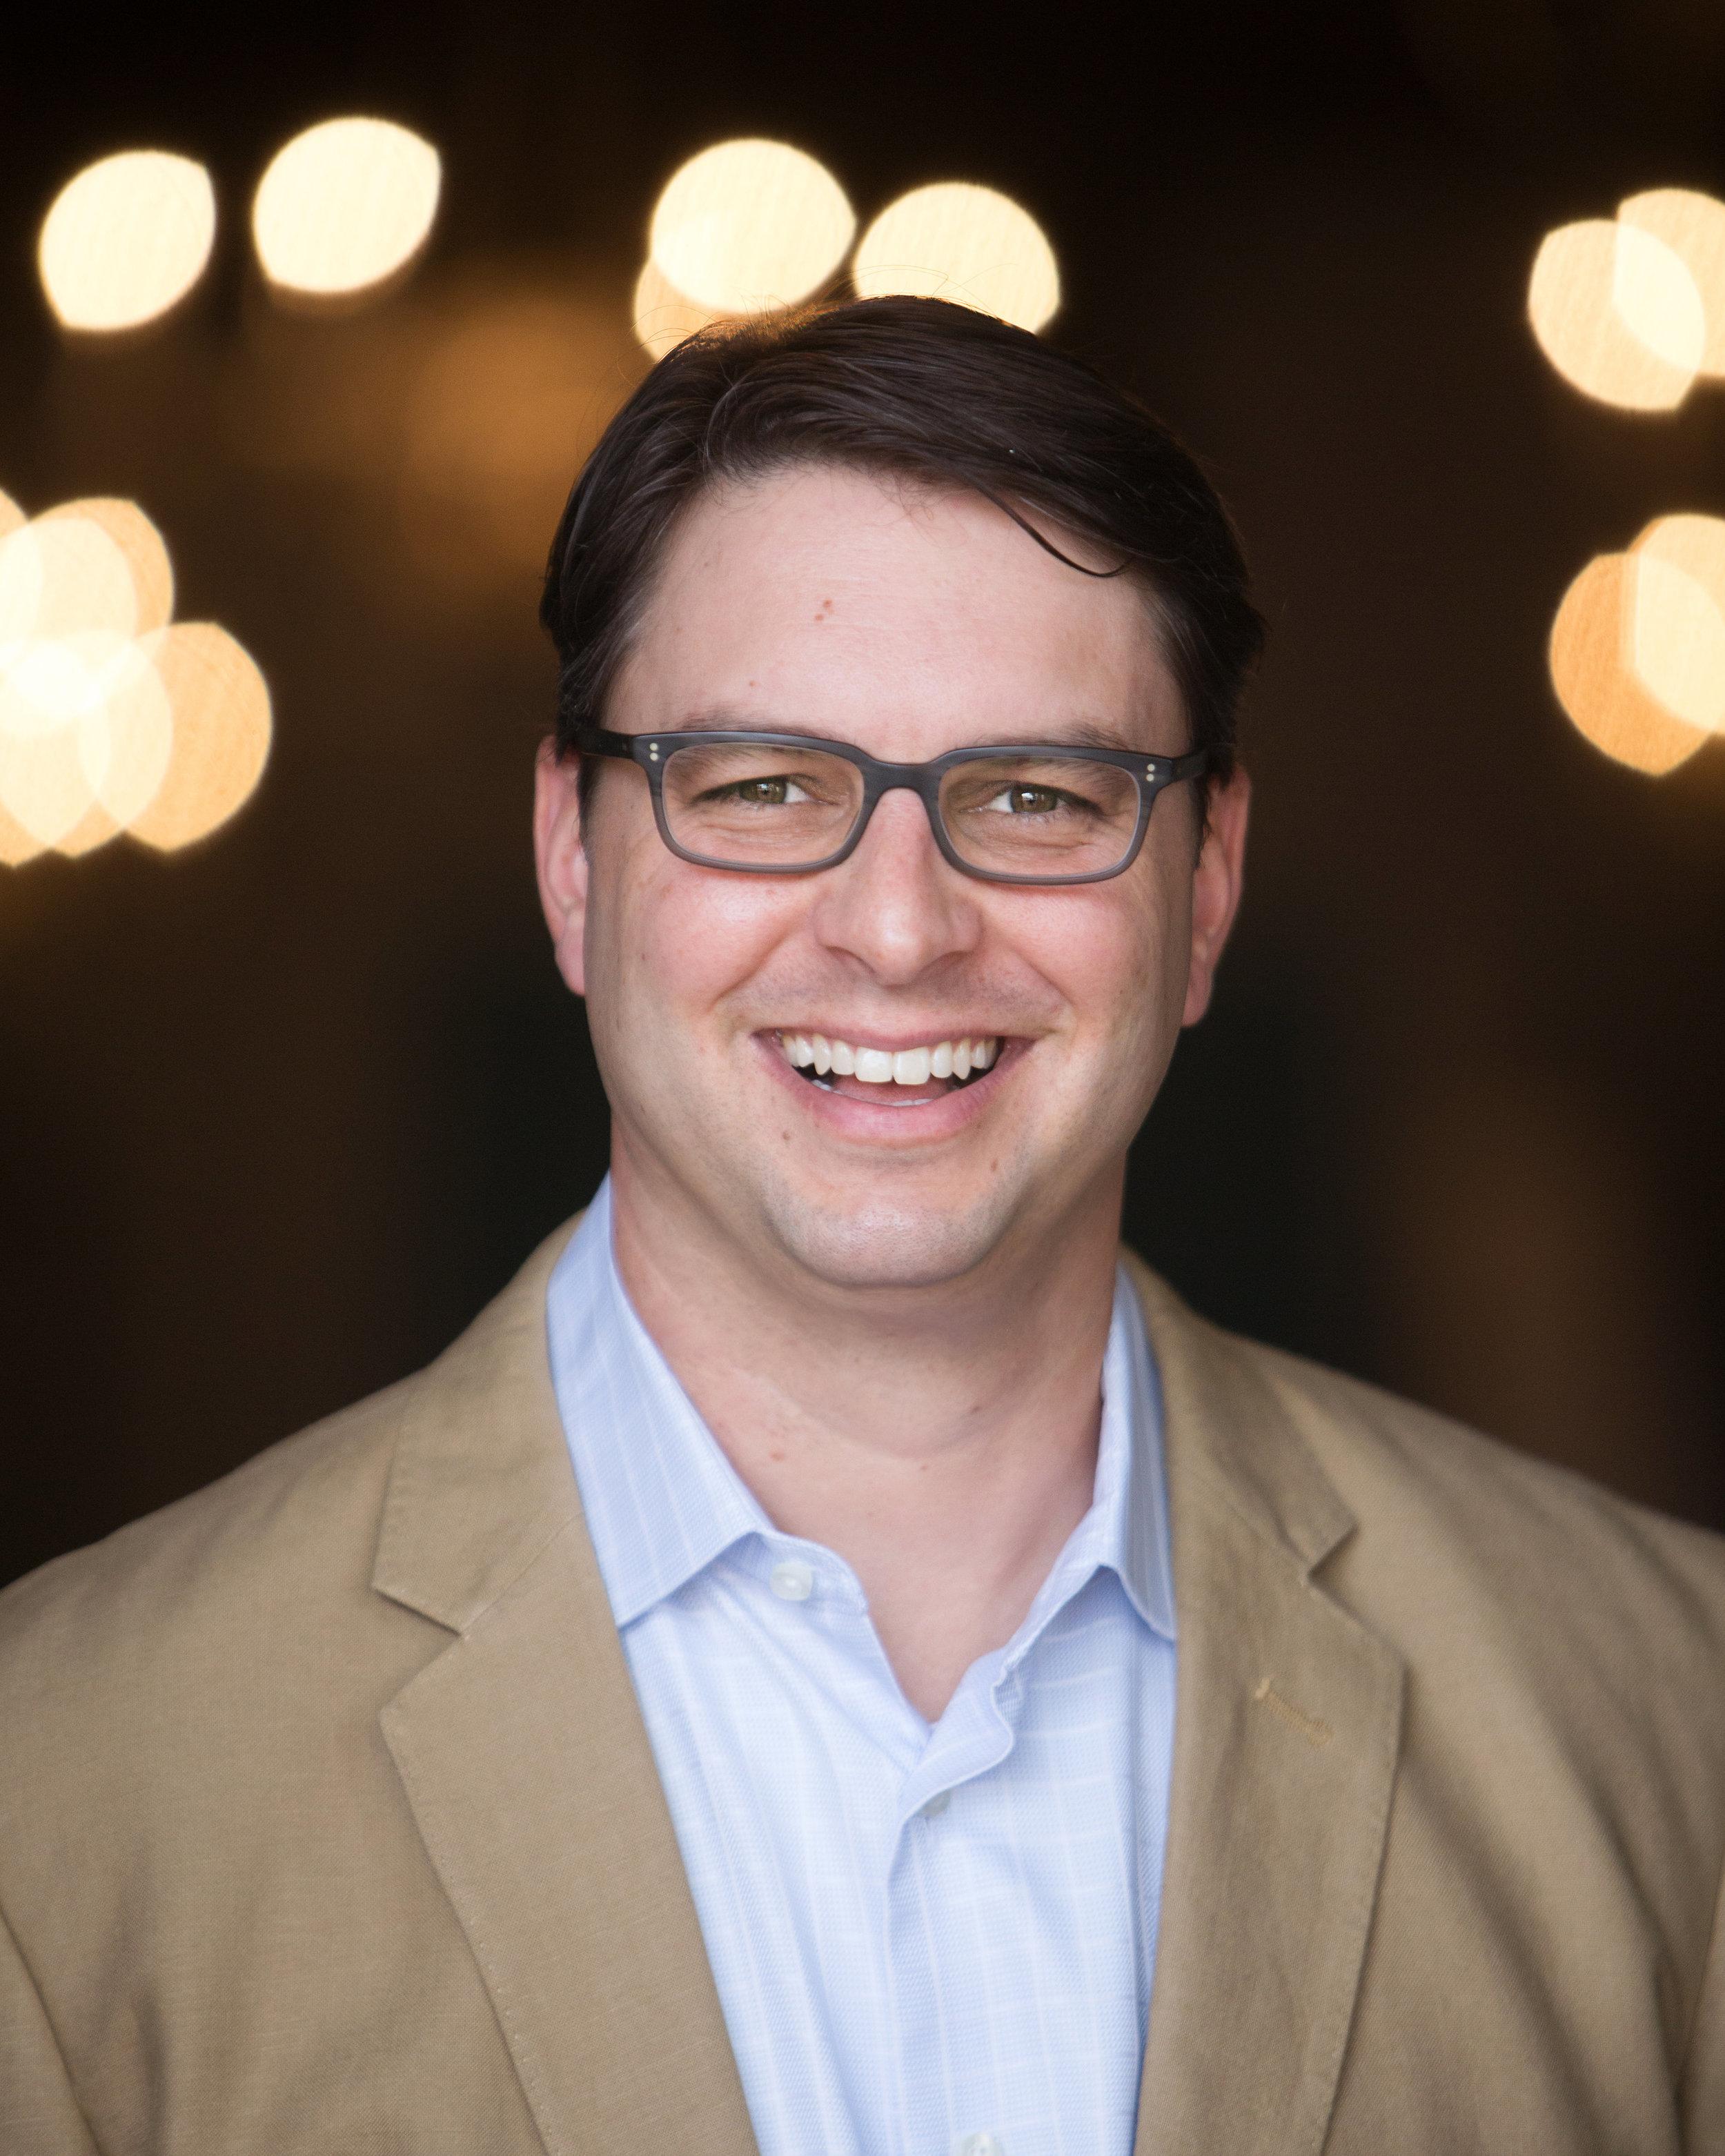 Chris Lindsey - Licensed Insurance Broker in Tyler Texas